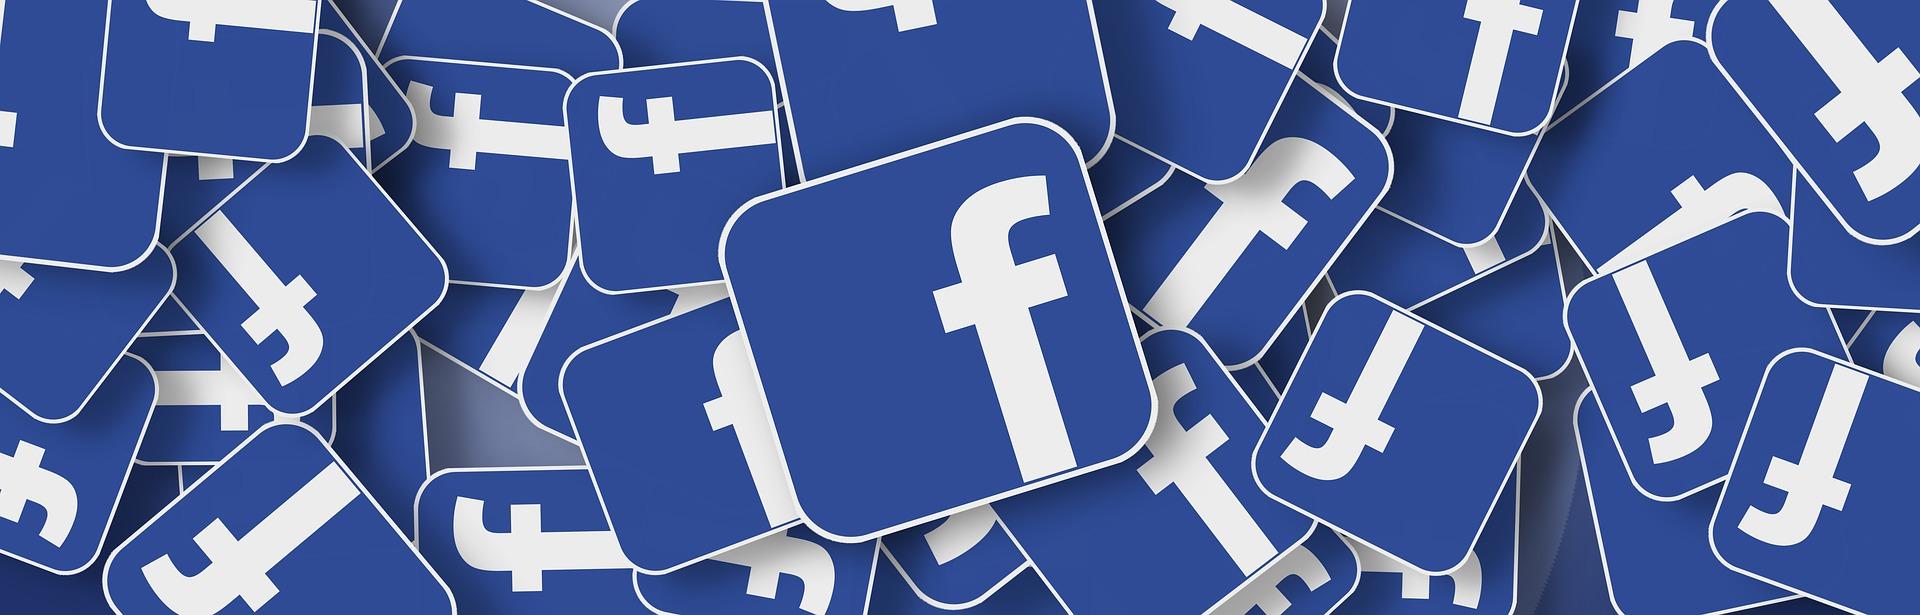 Epoha Portal Facebook